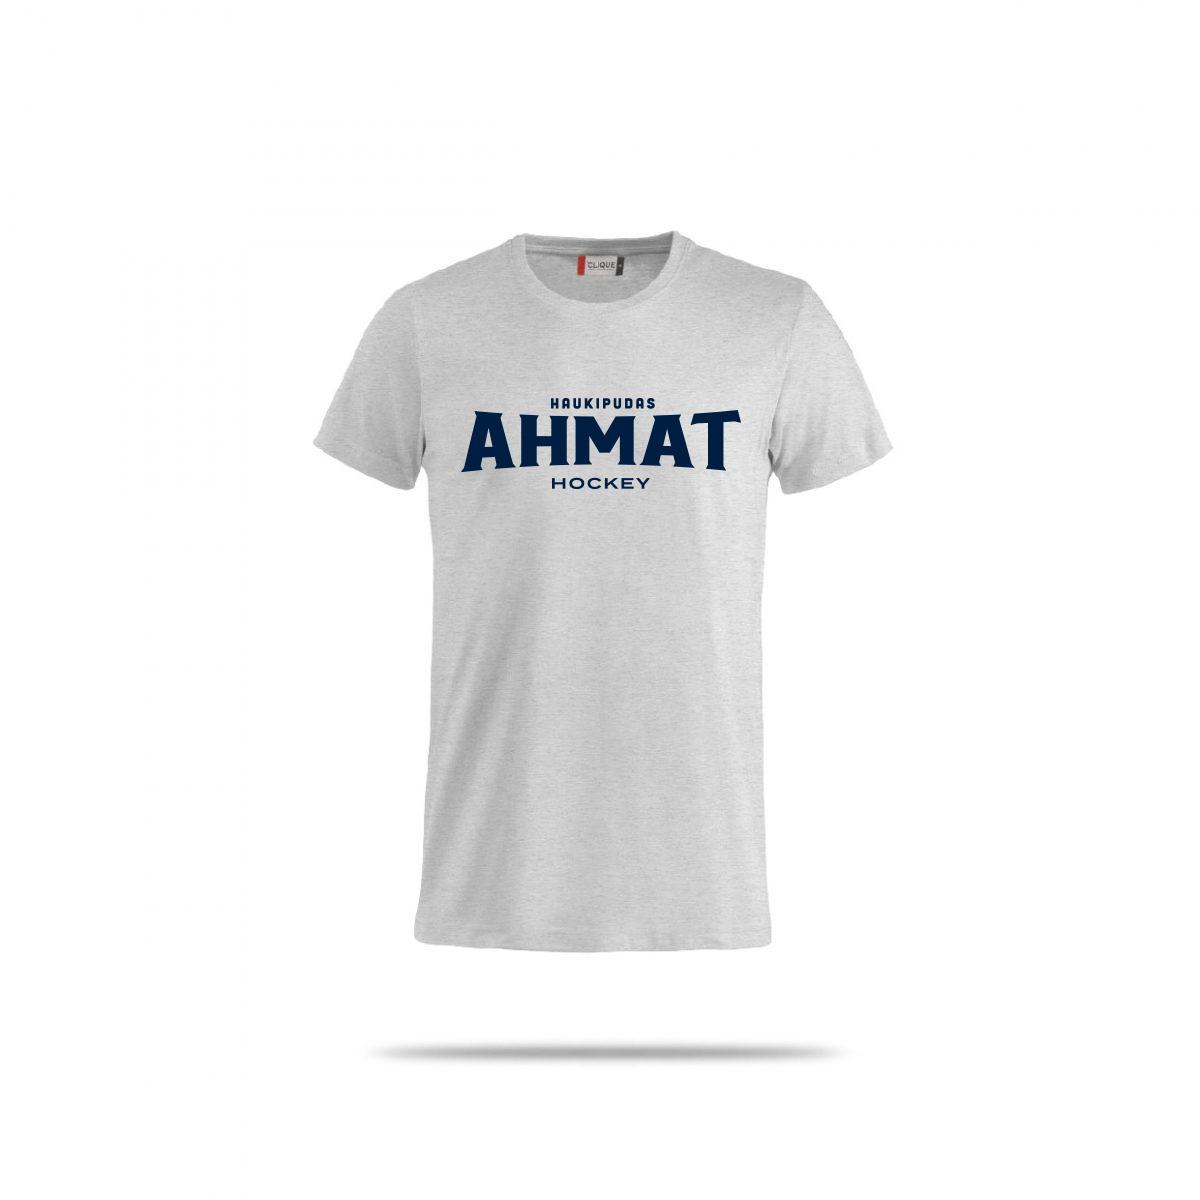 Ahmat-fani-3020-harmaa-text